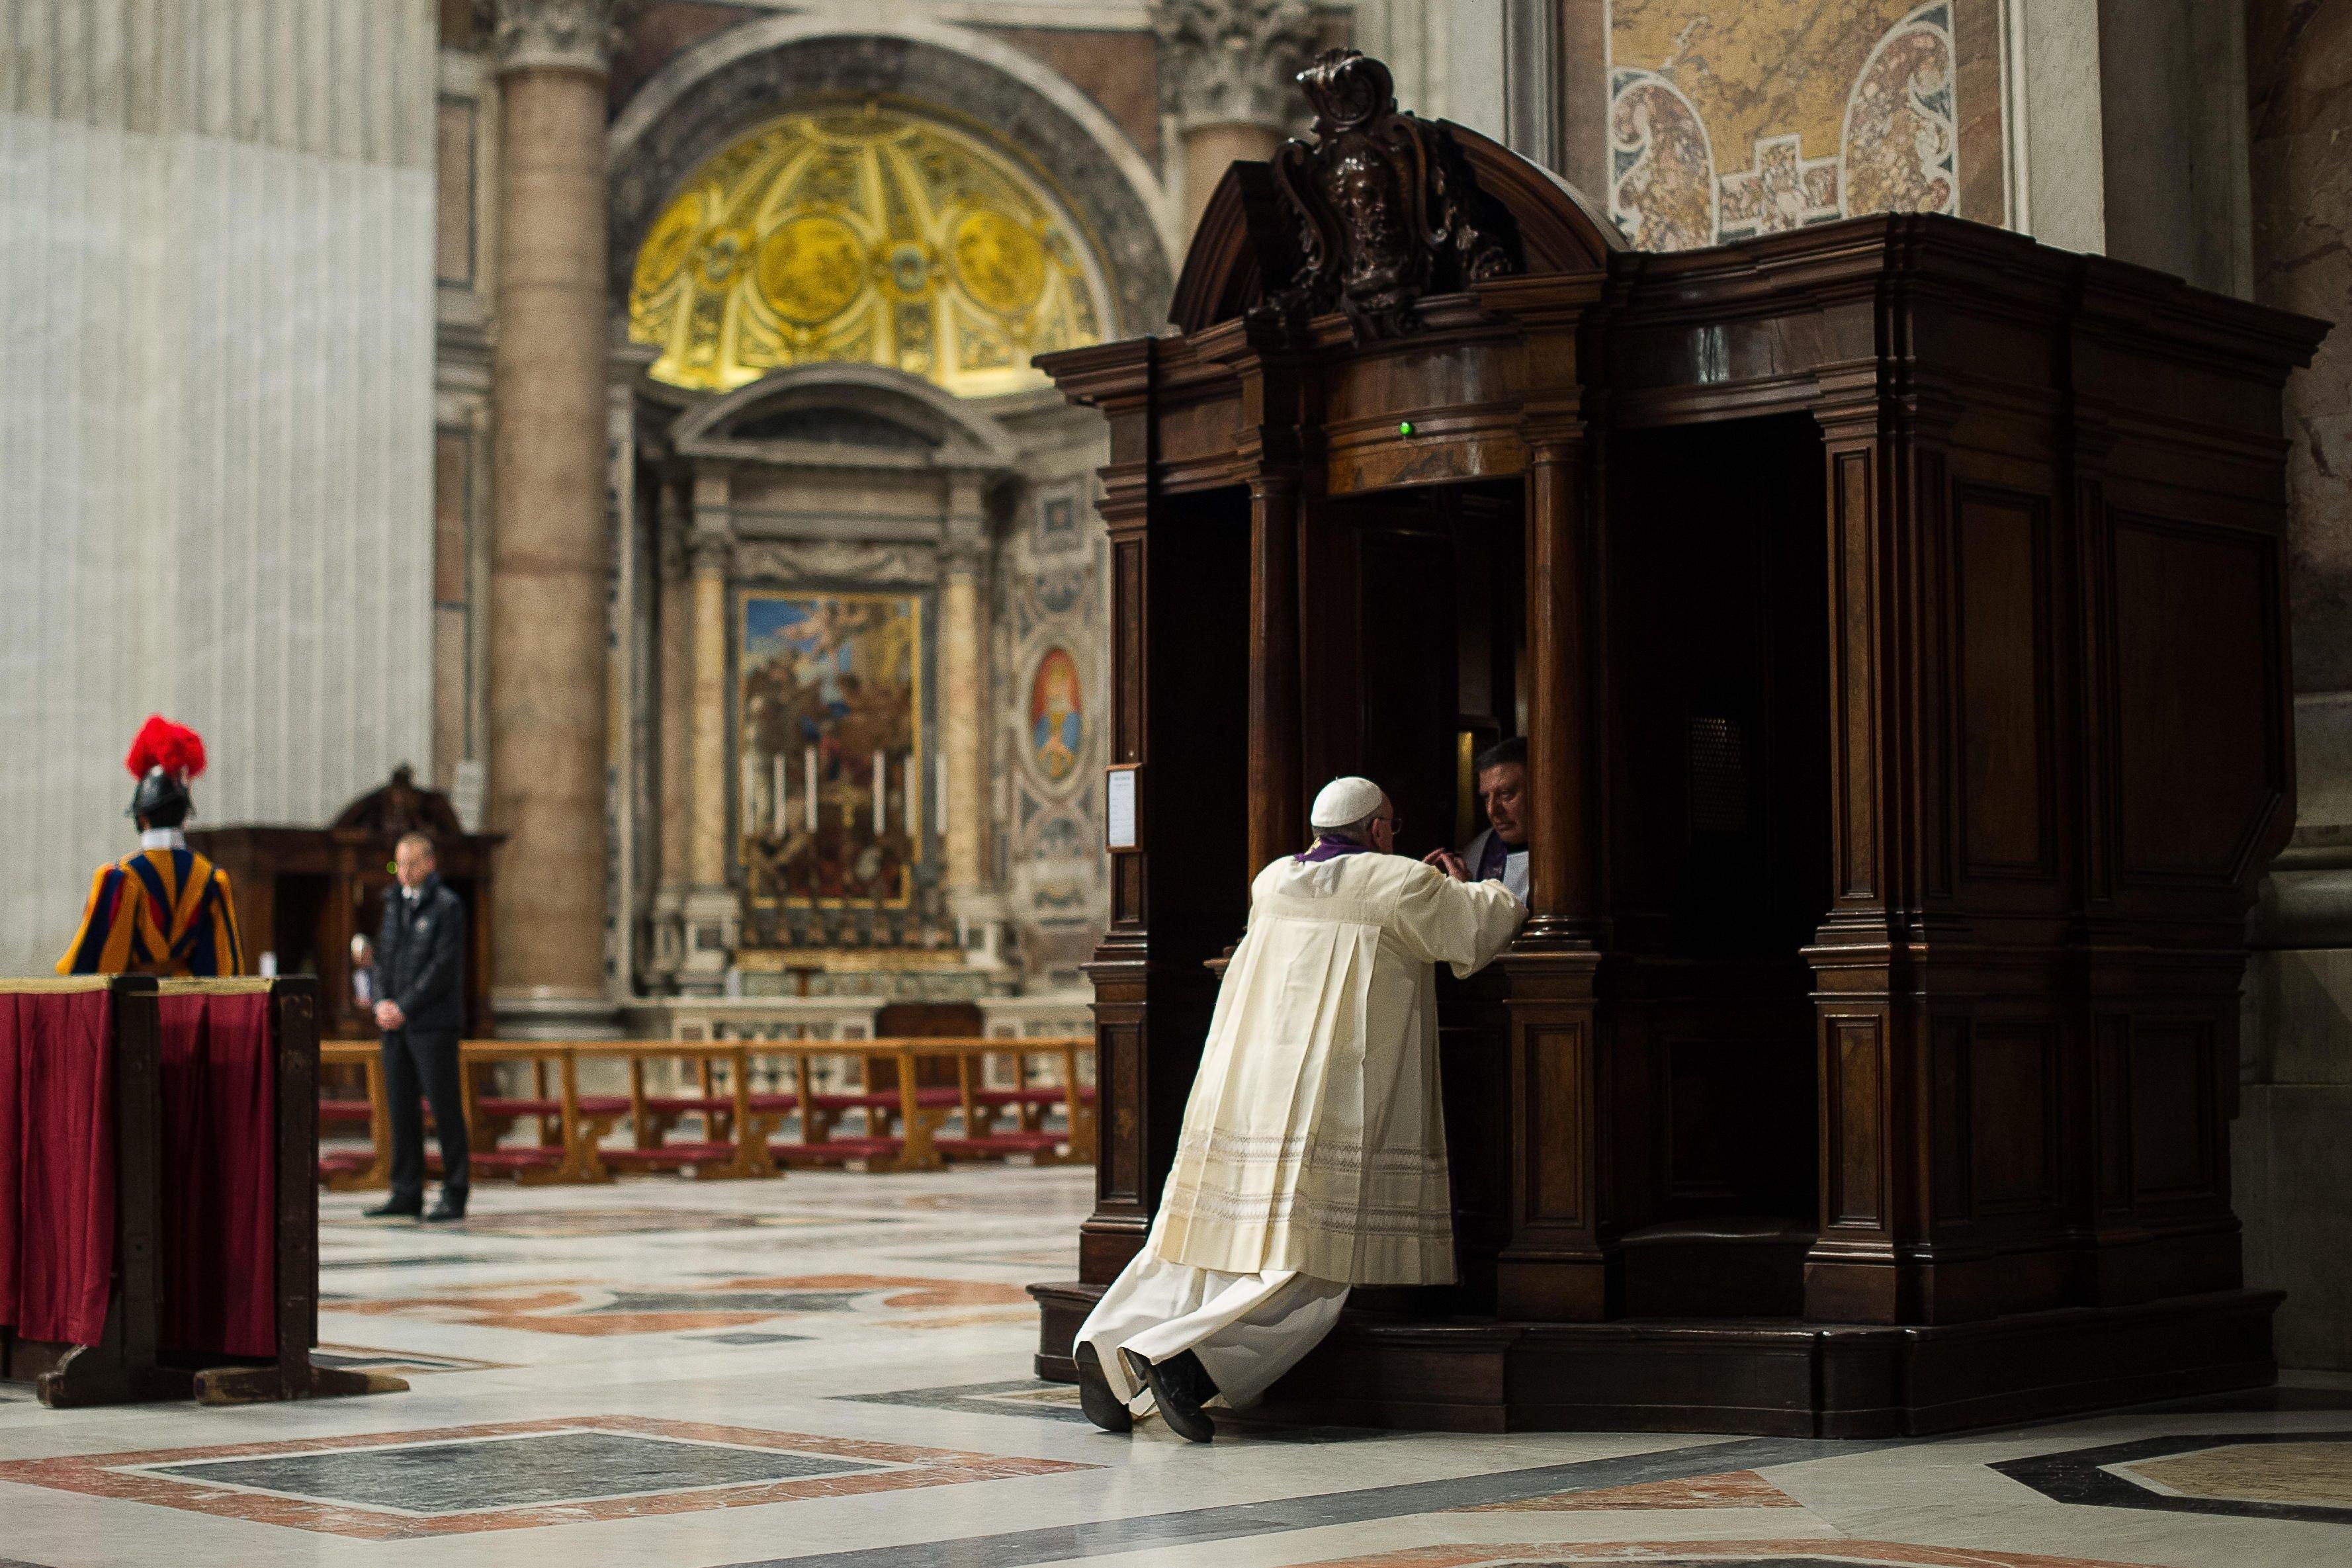 italyanskoe-porno-v-kostele